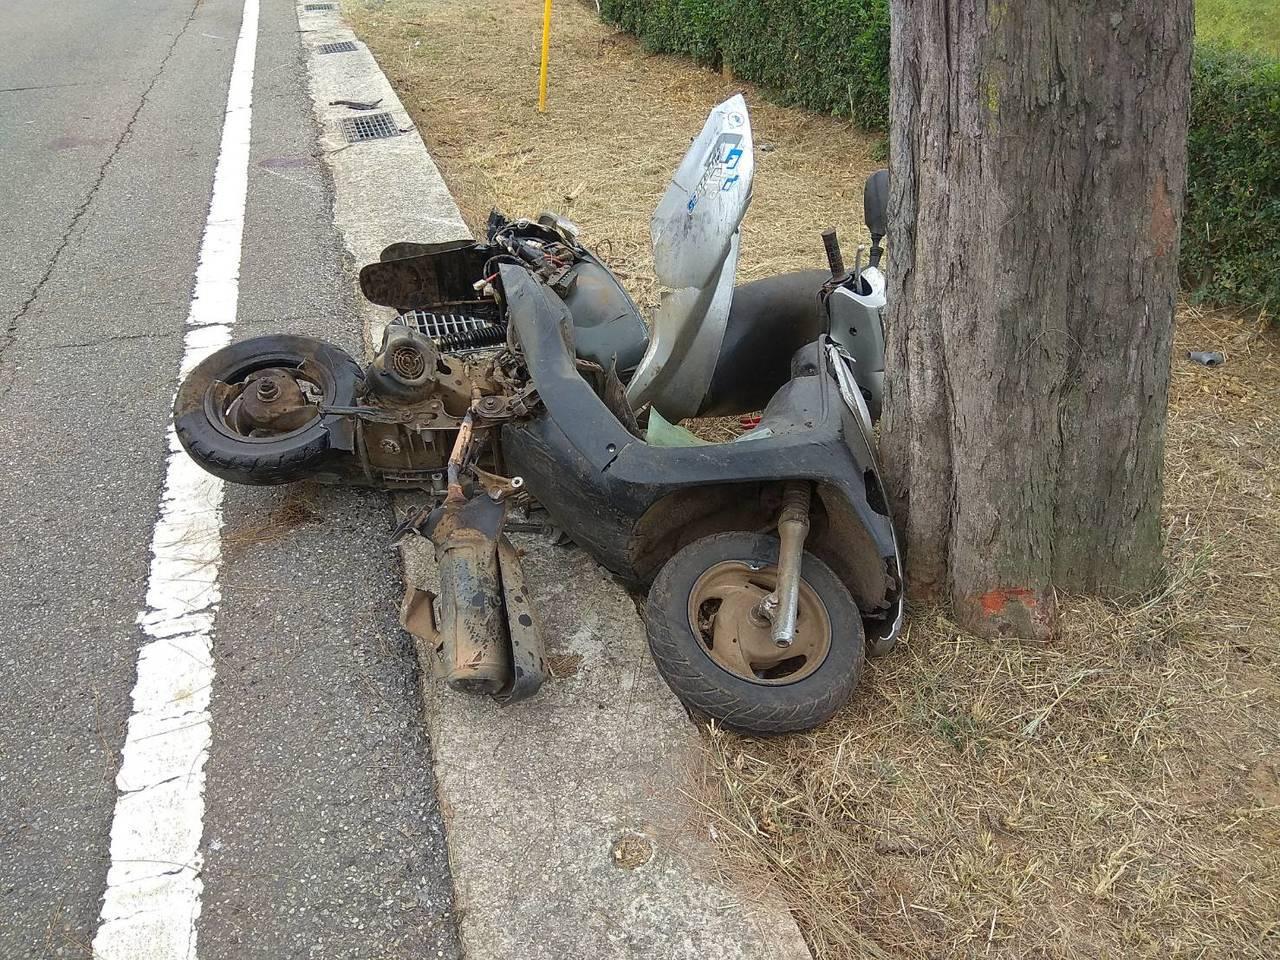 機車被撞的幾乎解體,怵目驚心。記者蔡家蓁/攝影